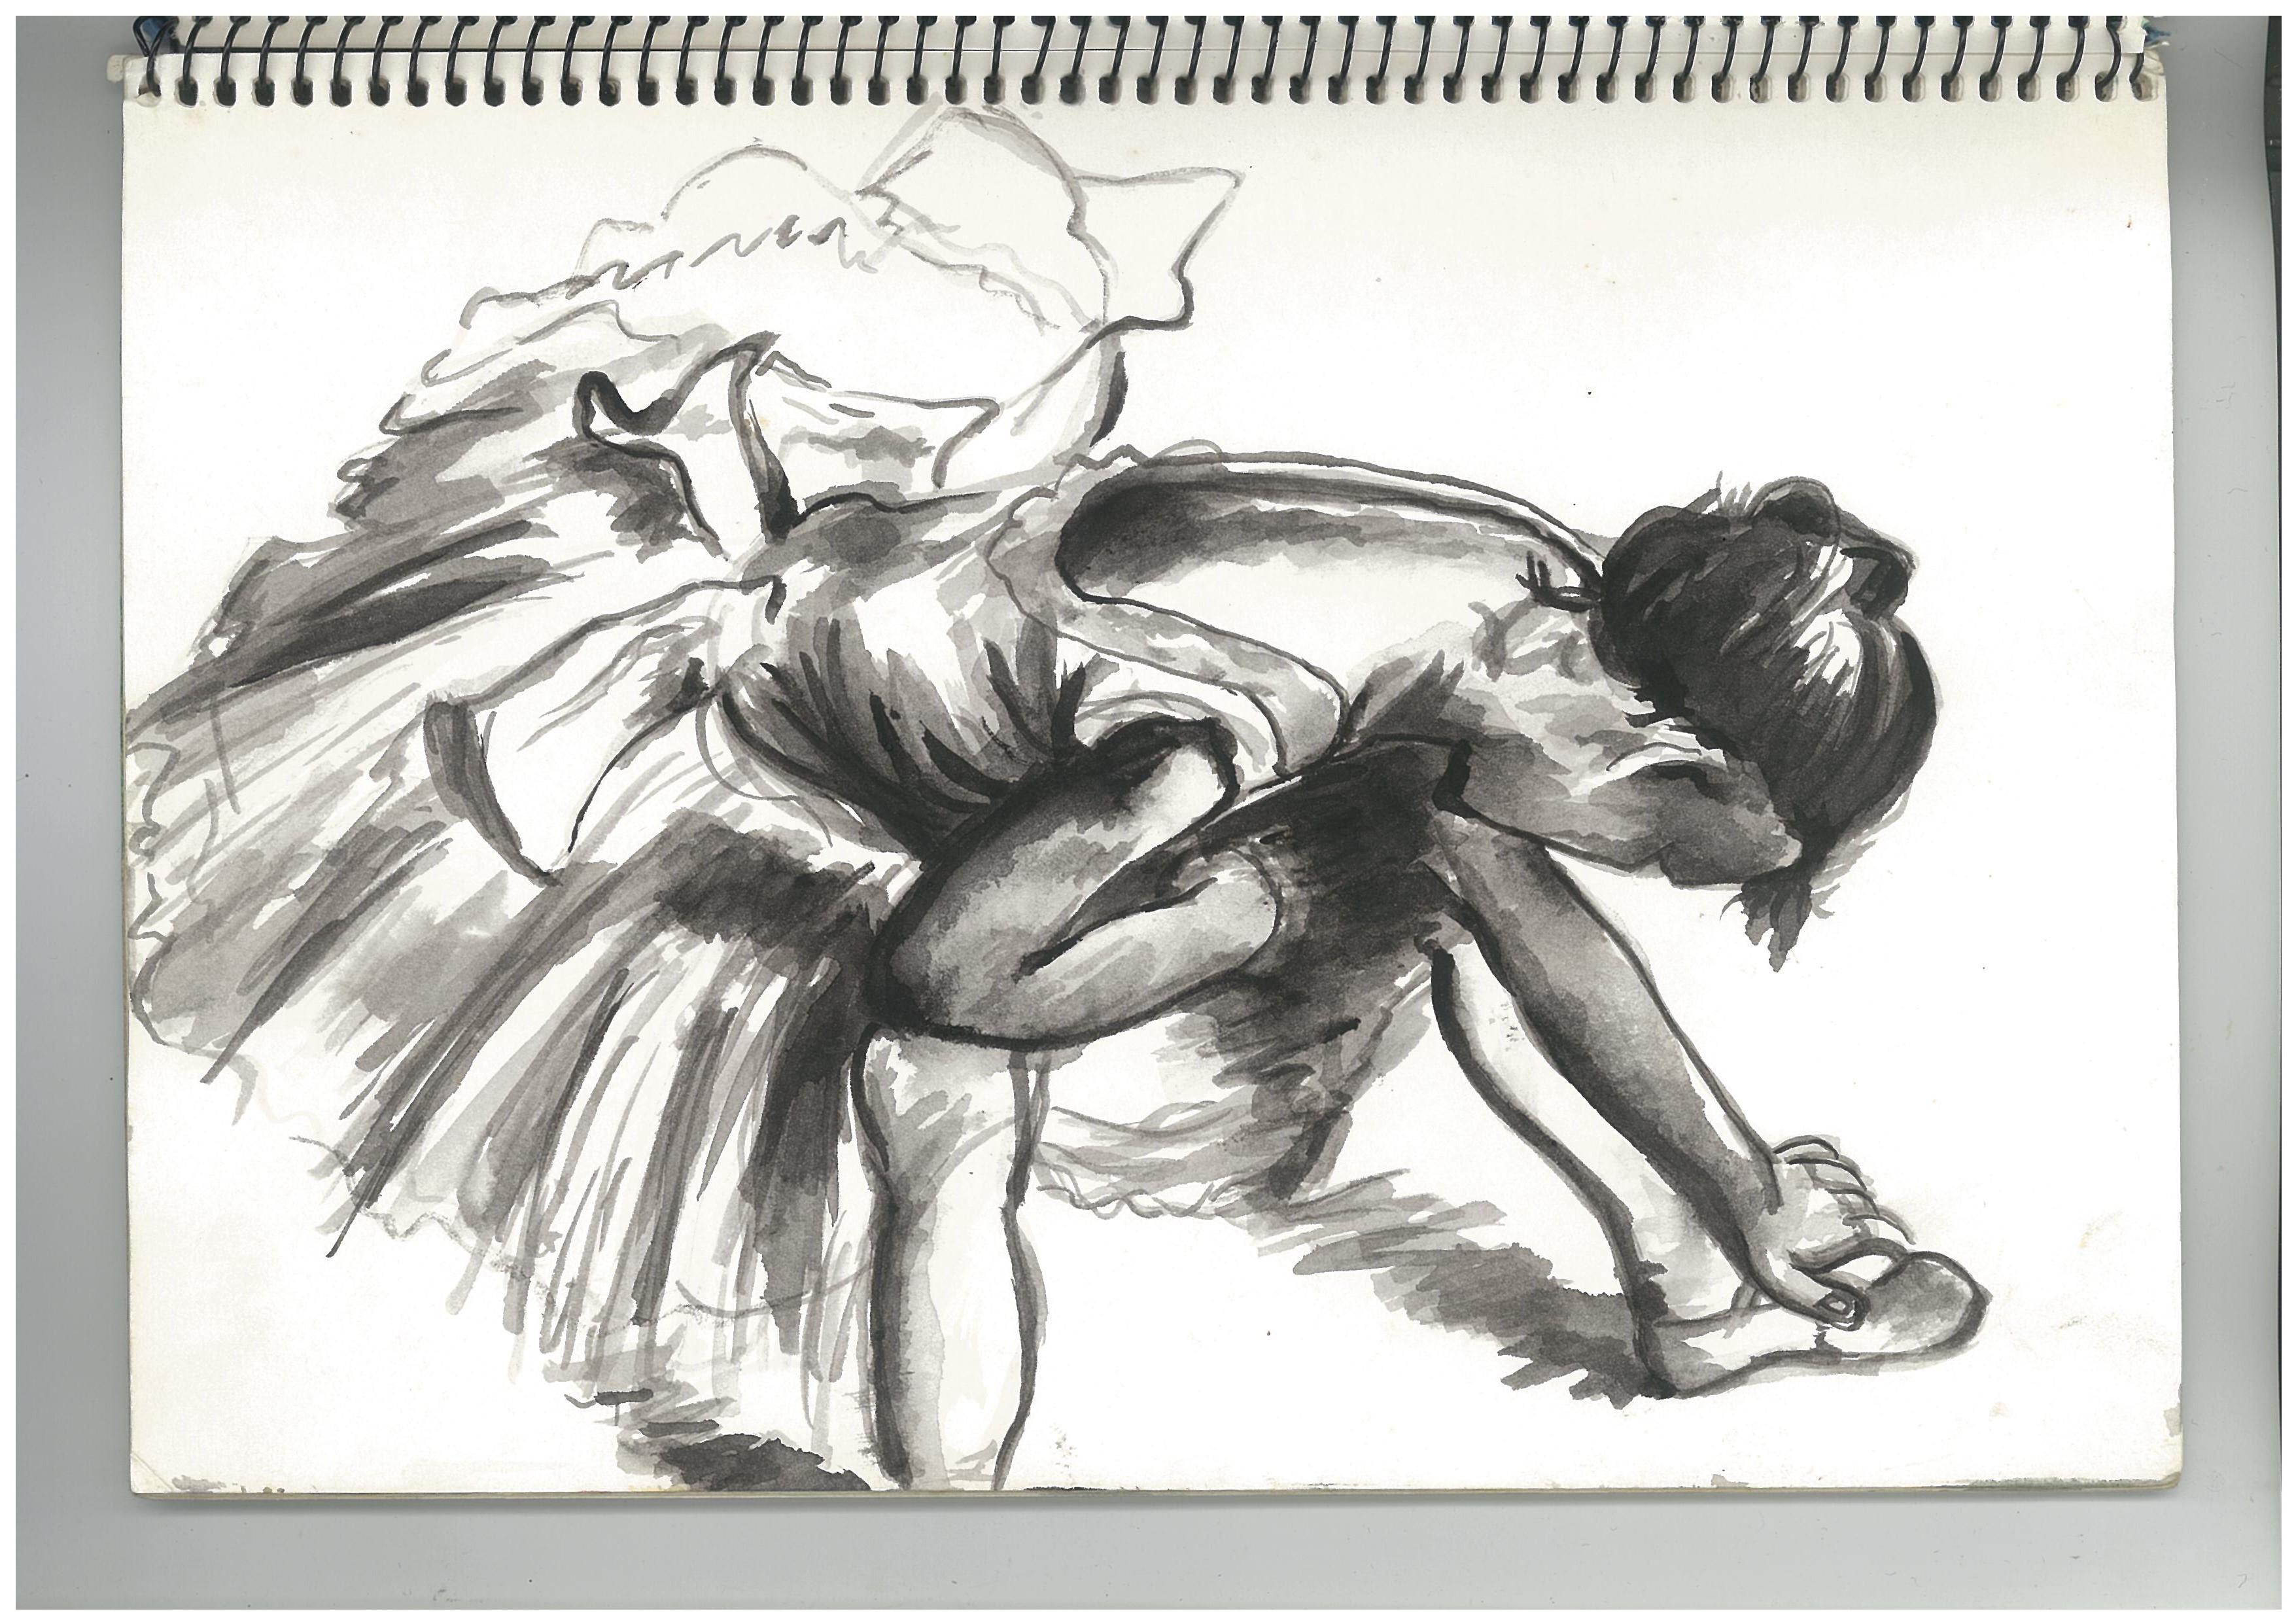 b.ballet dancer